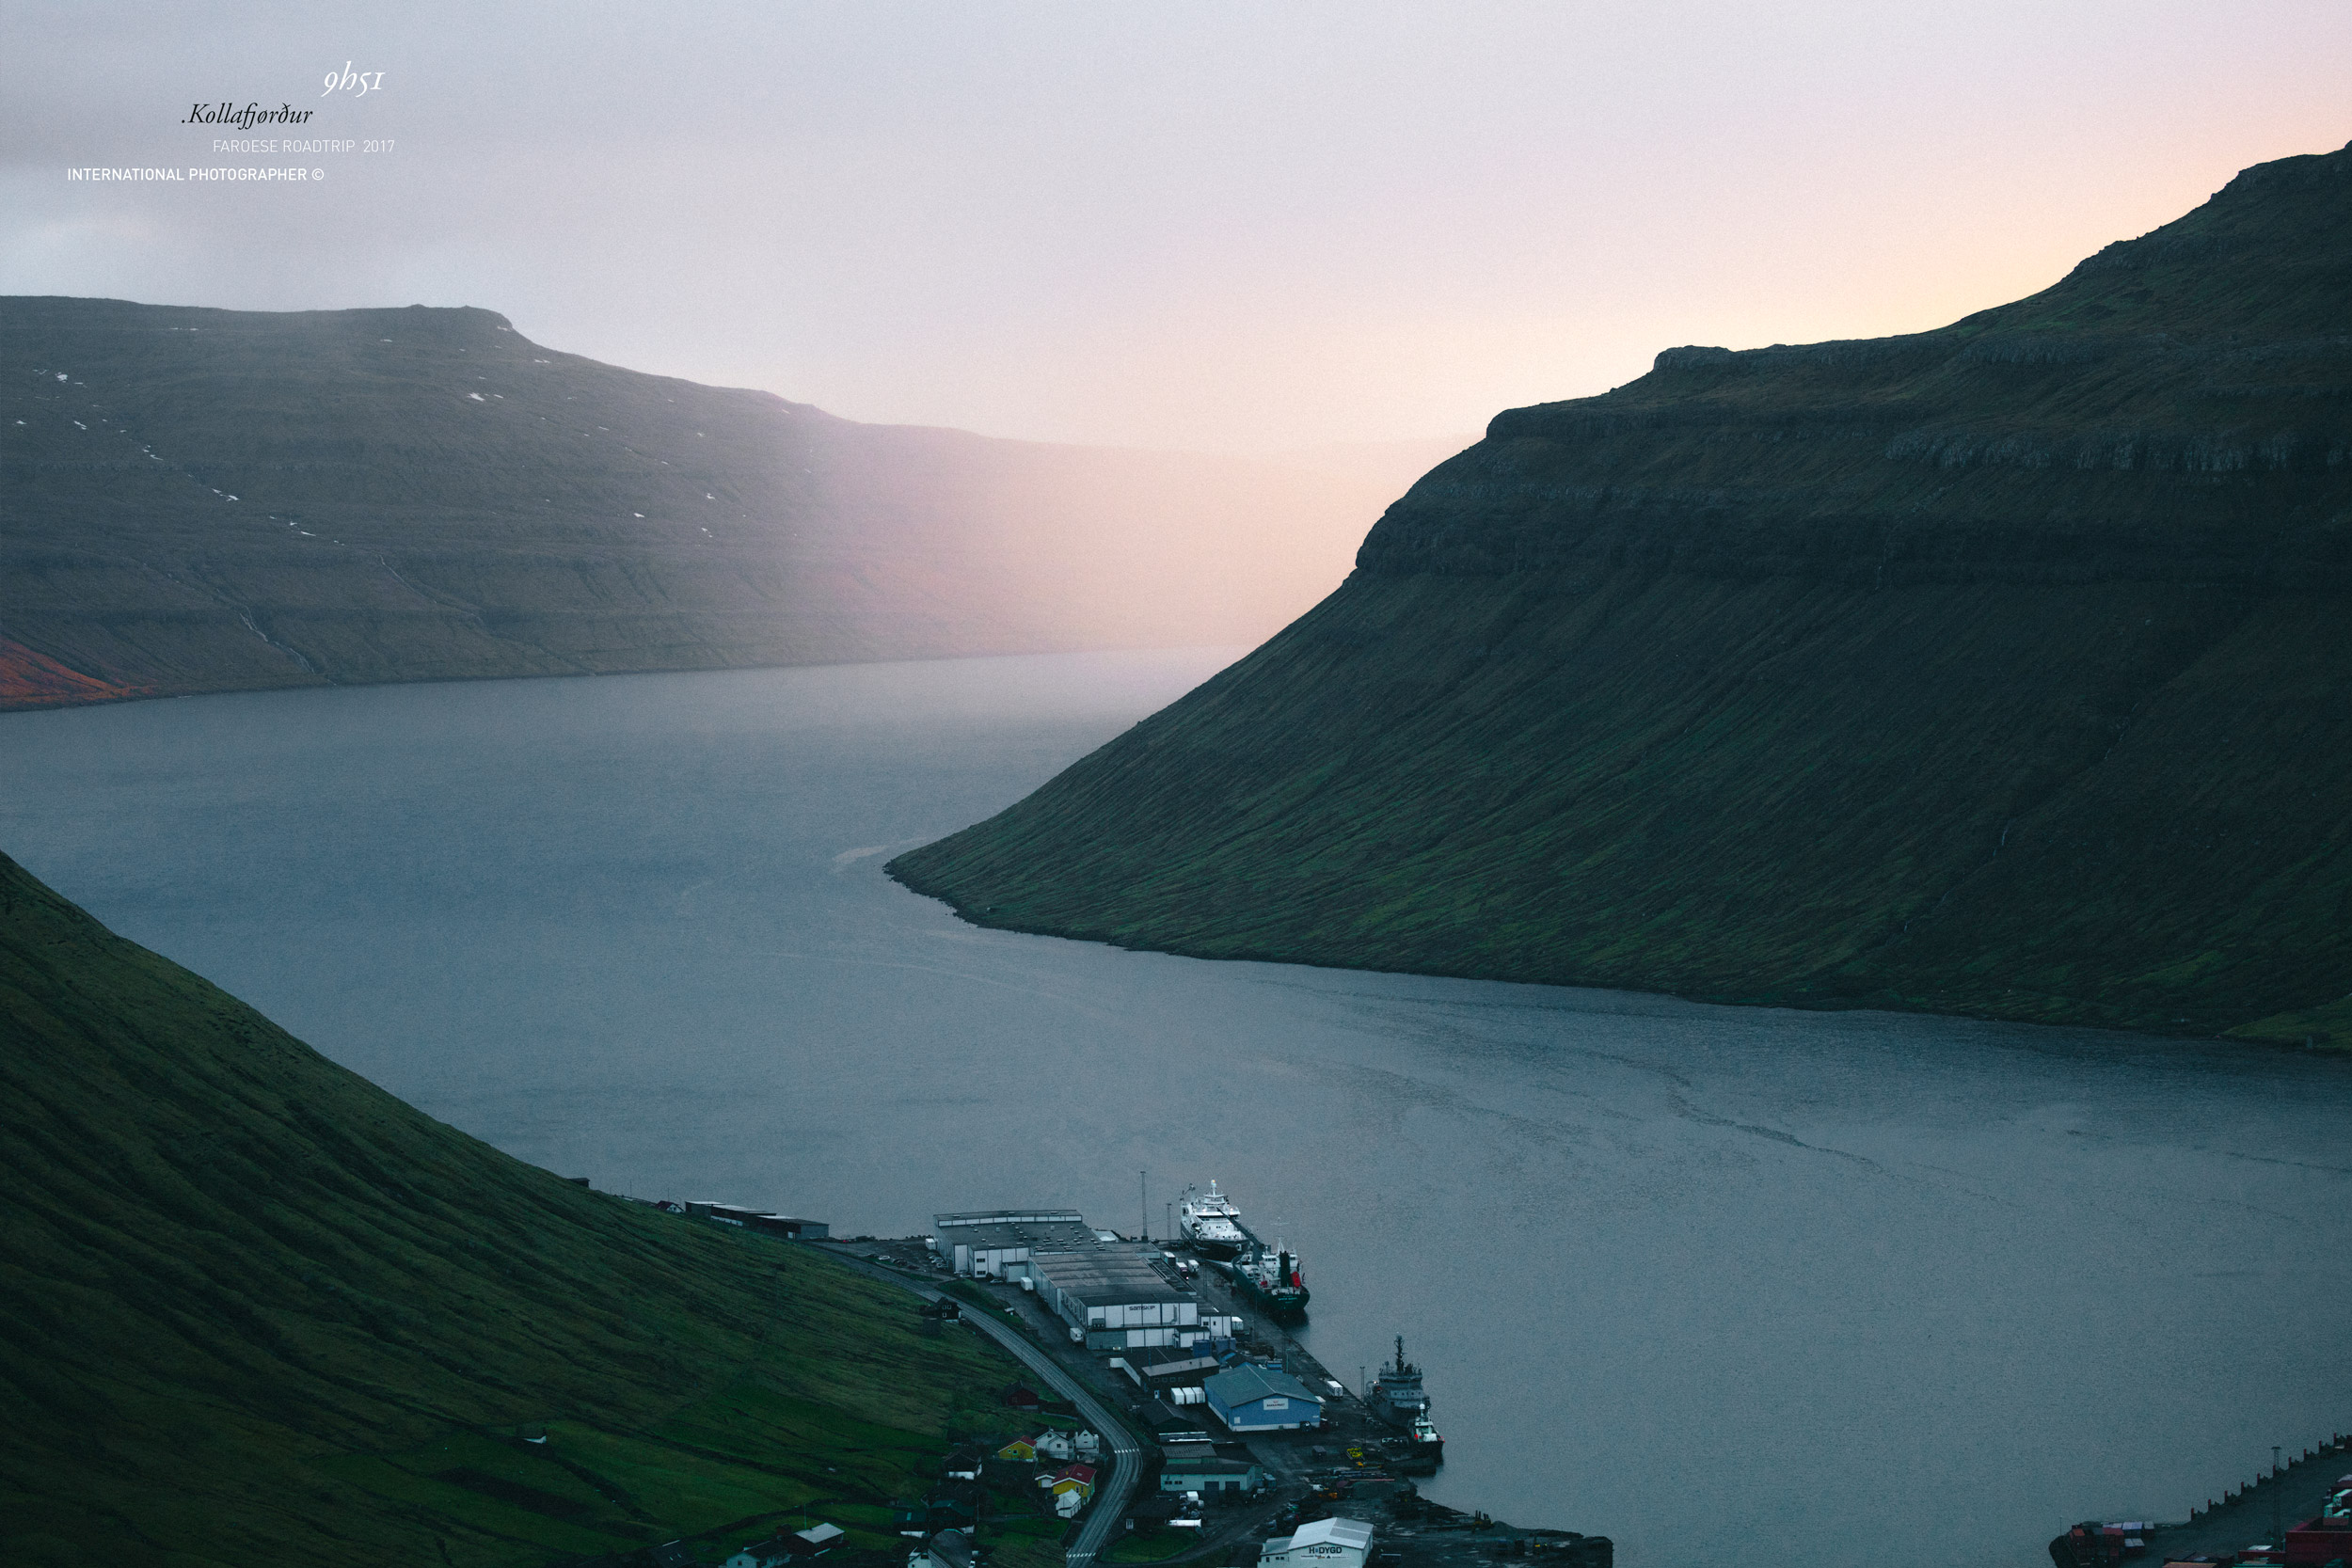 La lumière remplie le fjord Kollafjørður